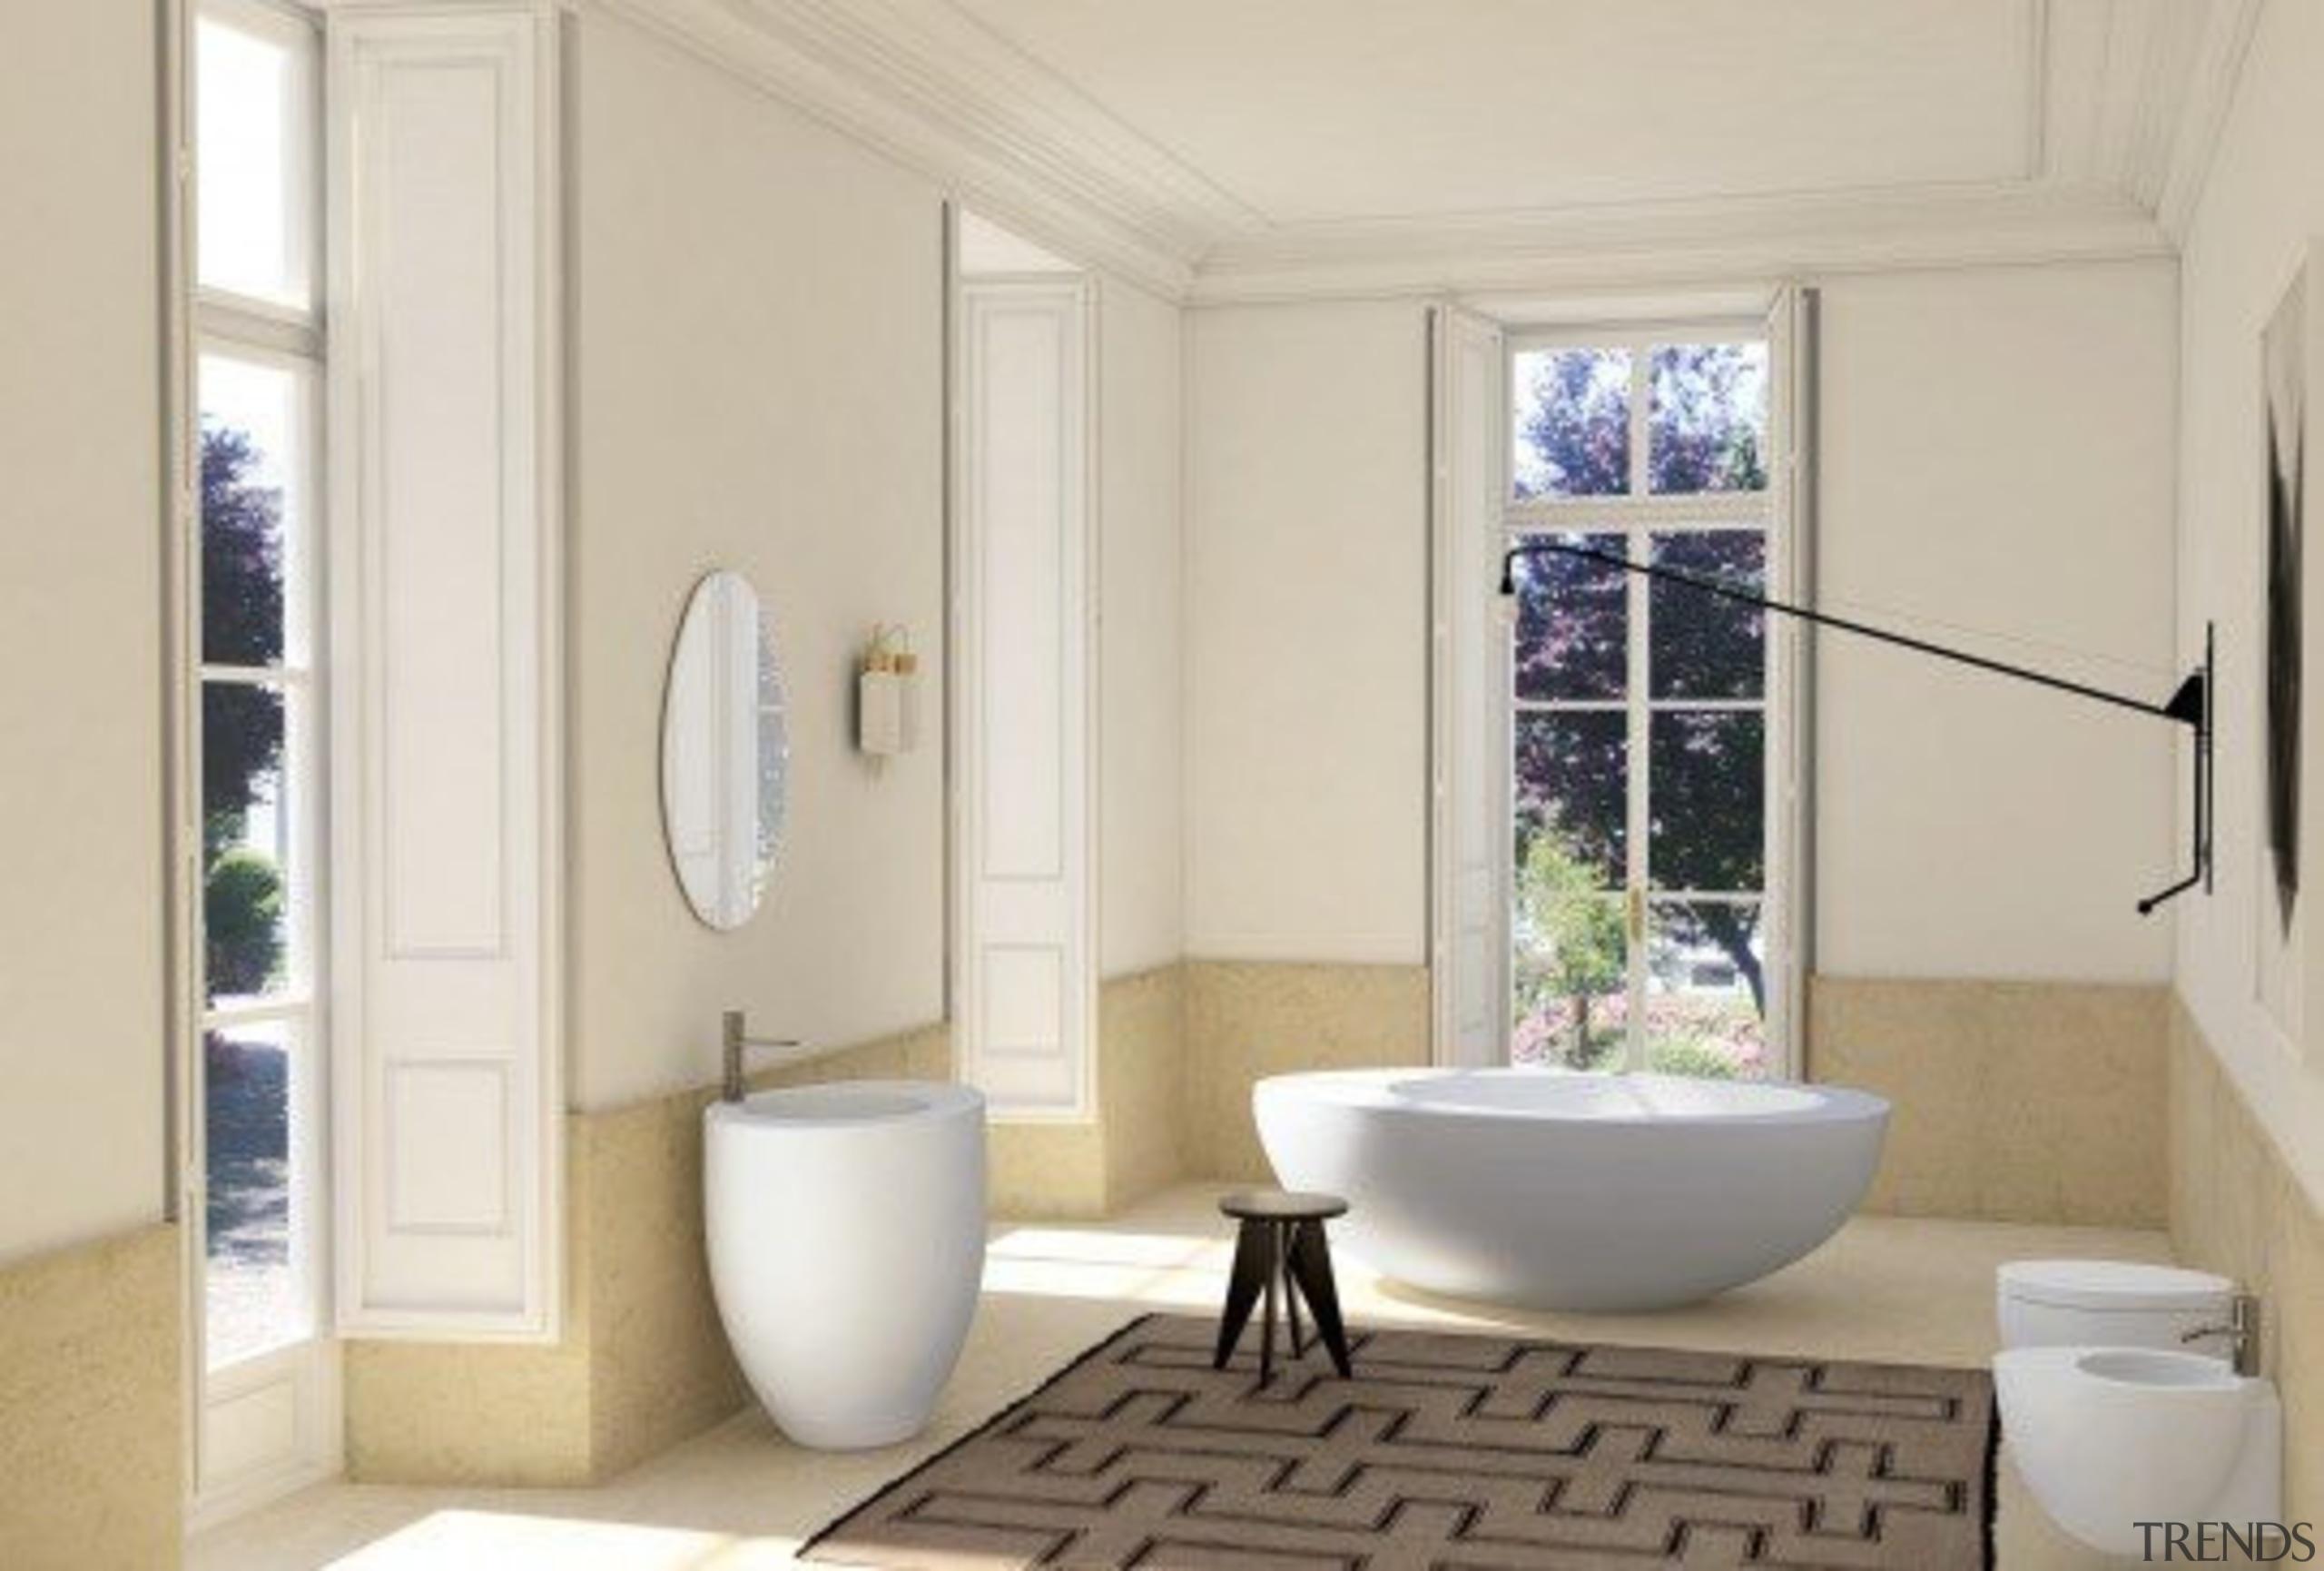 Suite - bathroom | home | interior design bathroom, home, interior design, plumbing fixture, room, gray